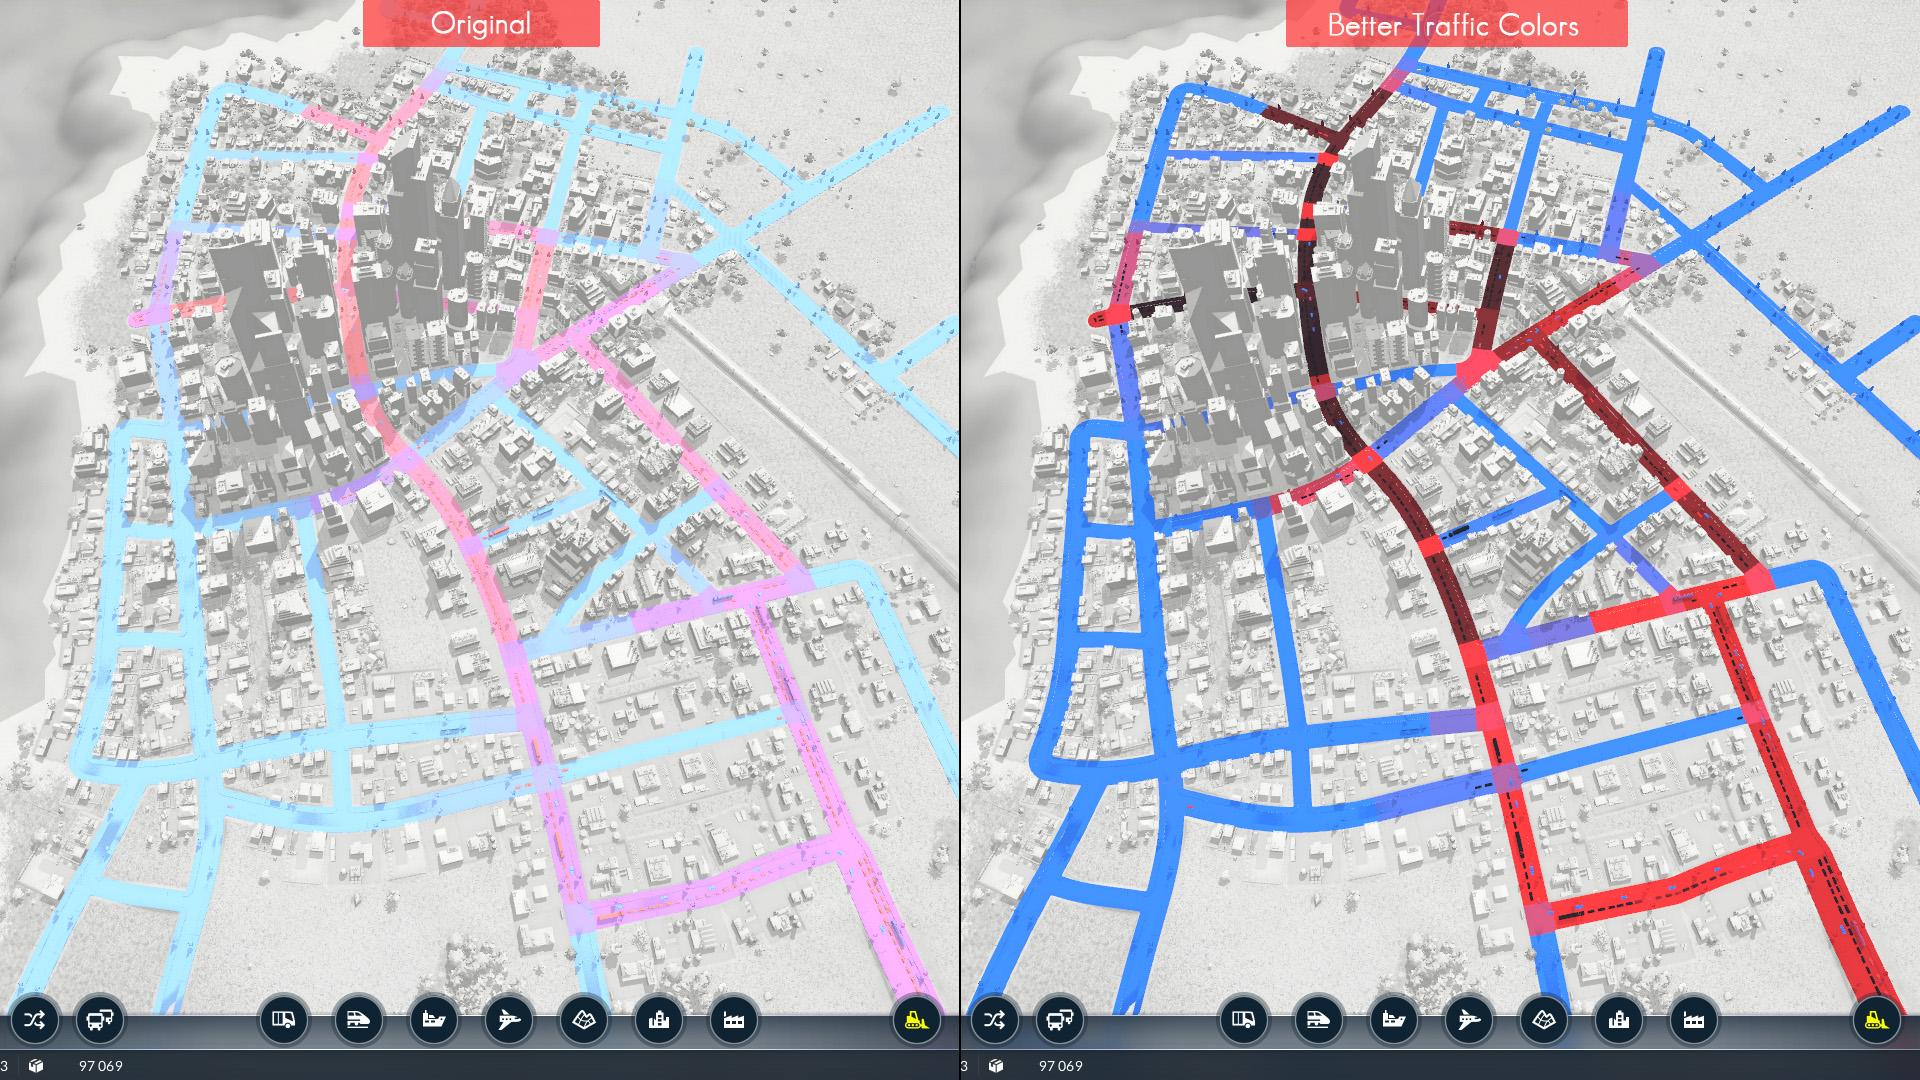 Transport Fever 2 - Better Traffic Colors